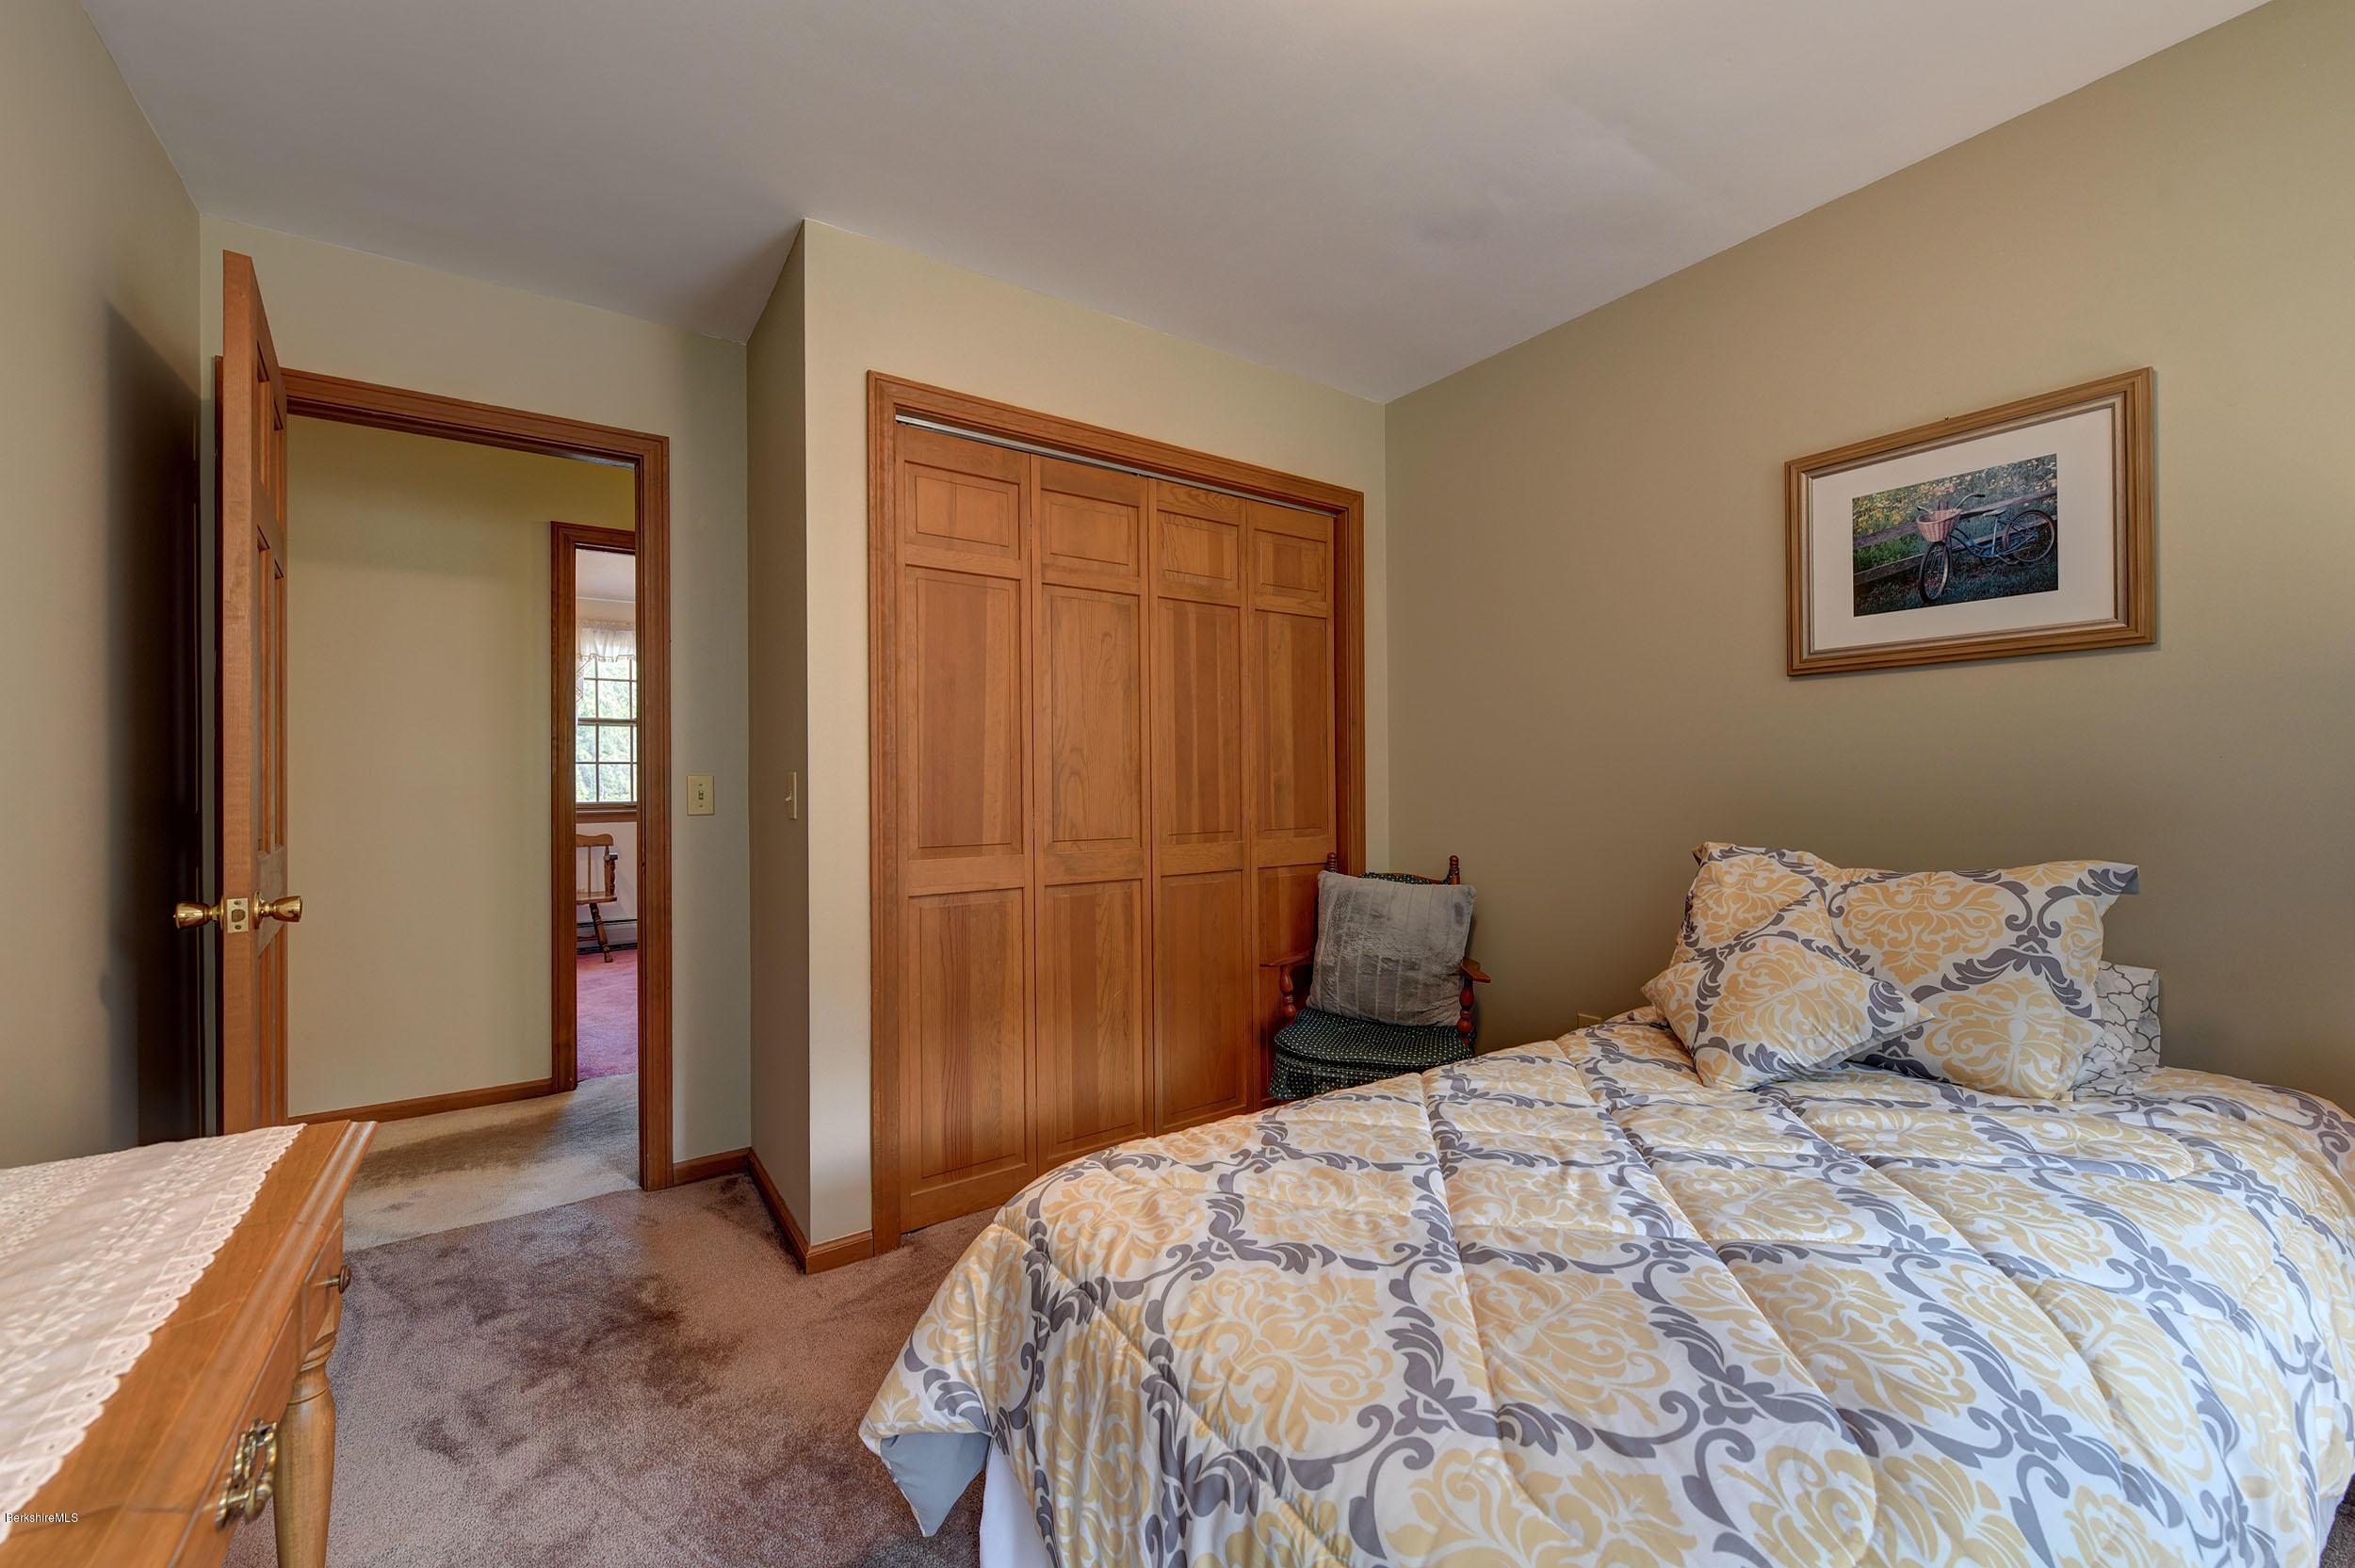 Sold 45 Appletree Ln Dalton Ma 01226 5 Beds 2 Full Baths 1 Half Bath 419900